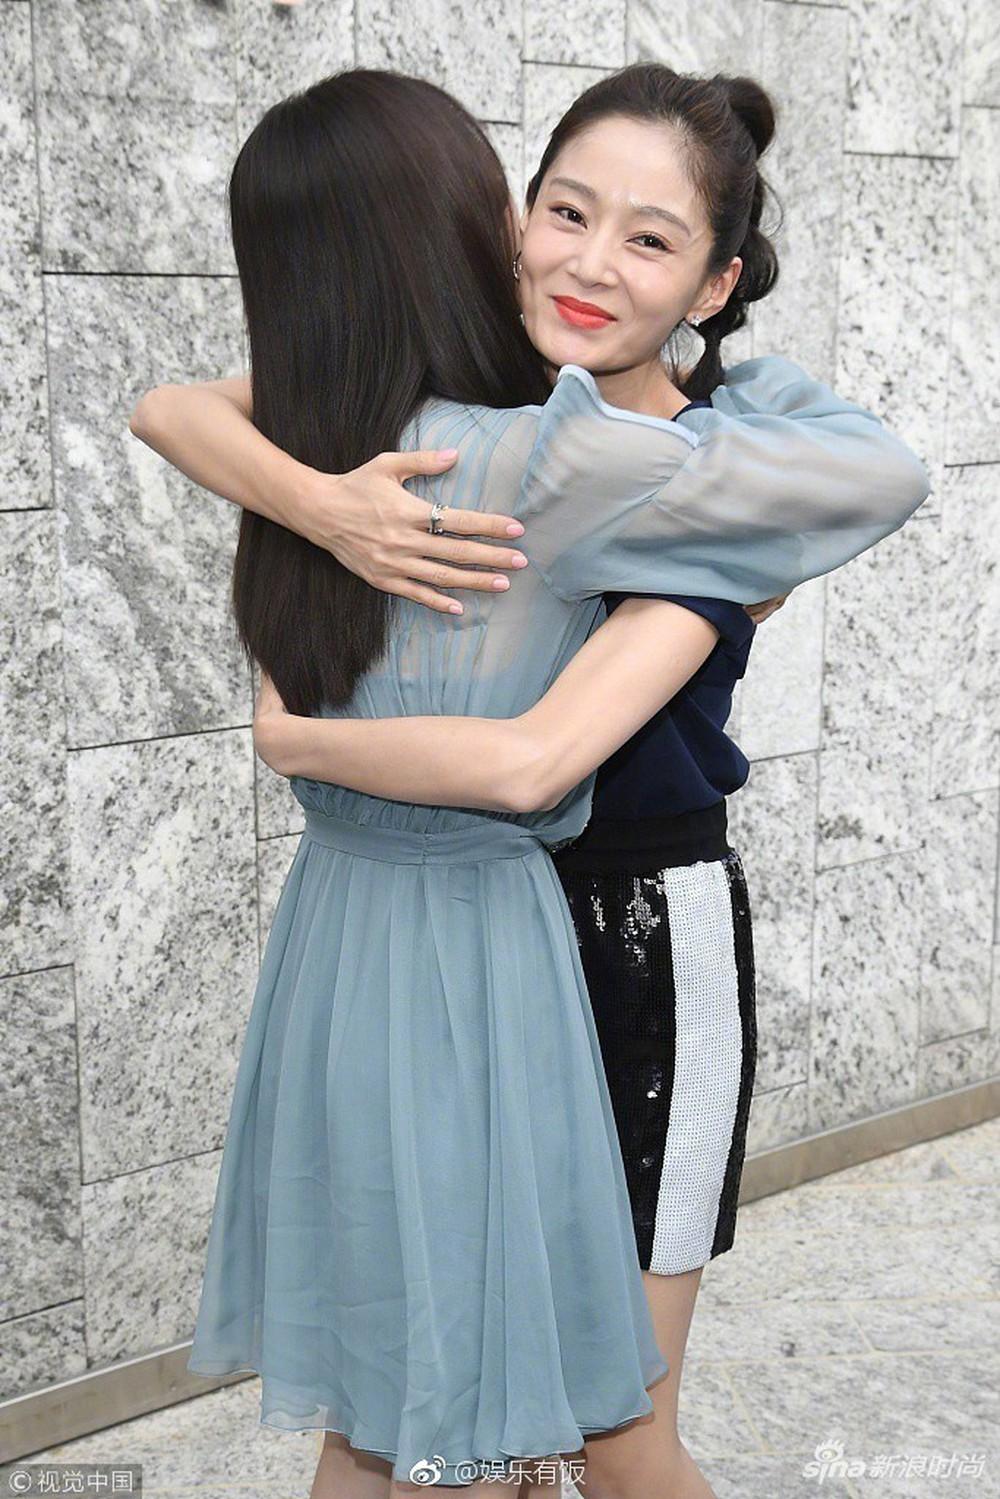 Hai Phú Sát Hoàng Hậu Tần Lam - Đổng Khiết đụng độ nhan sắc: Người như tiên nữ, kẻ lộ già nua - Ảnh 17.